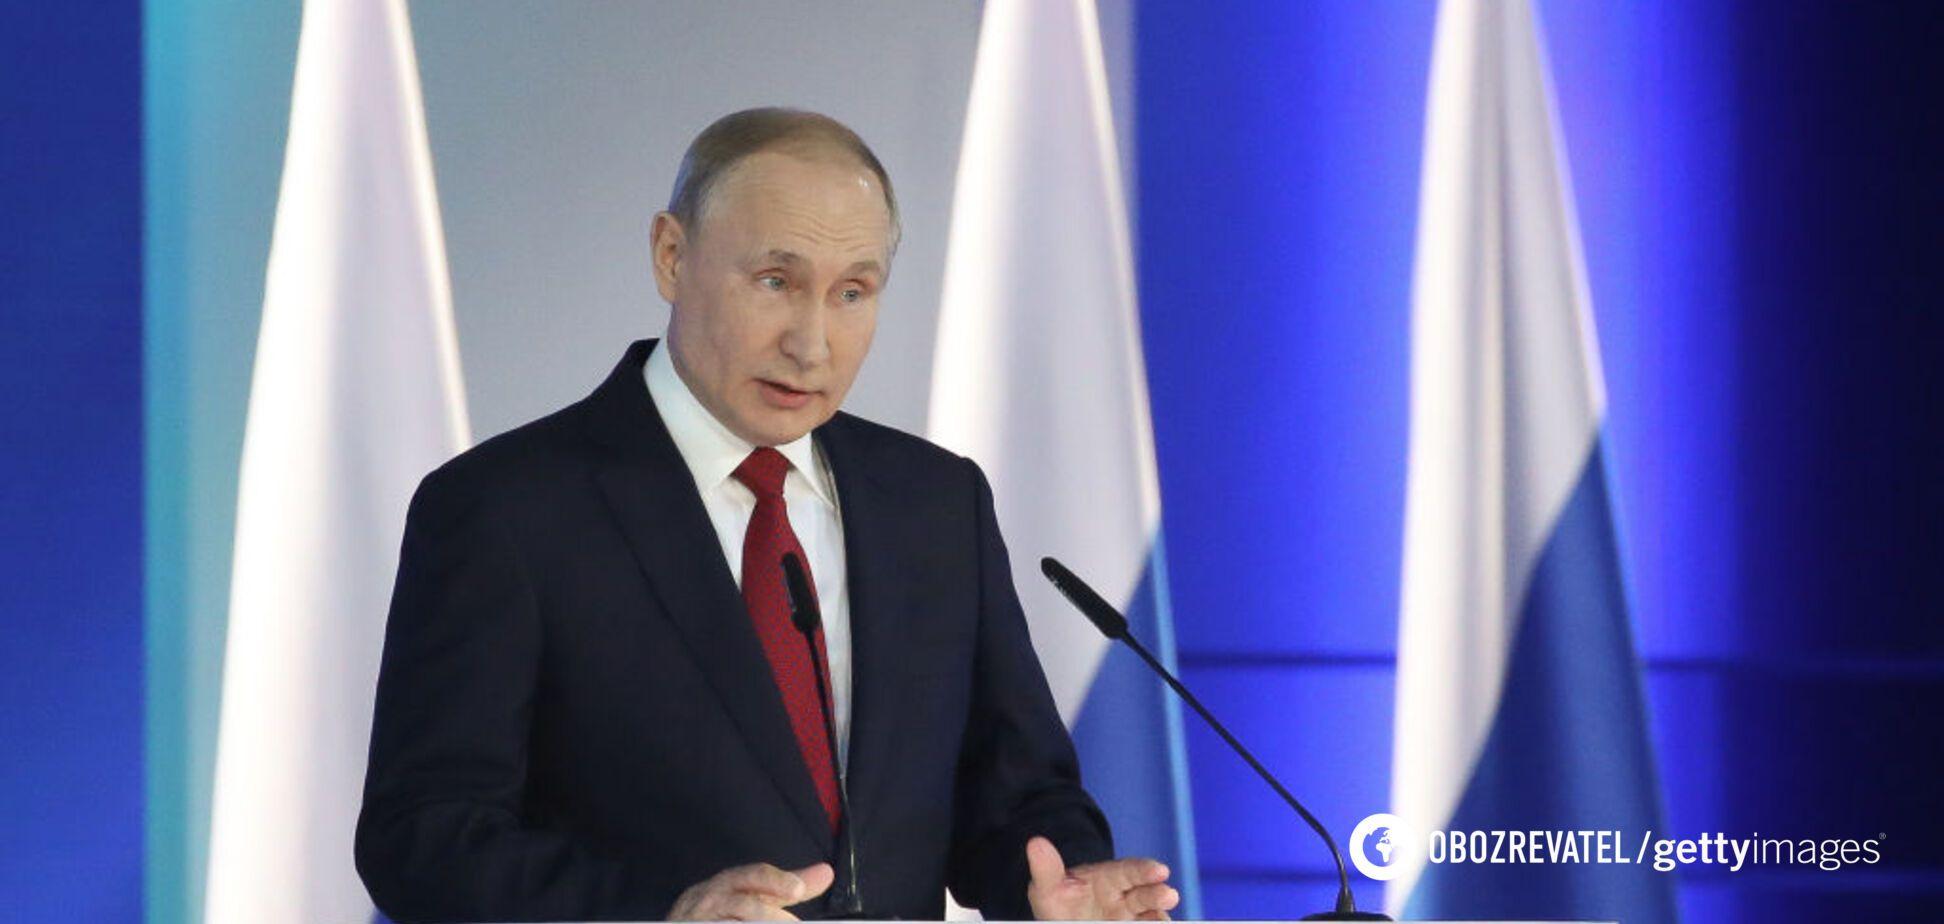 Росія на краю прірви. Чи підштовхне її туди Путін?